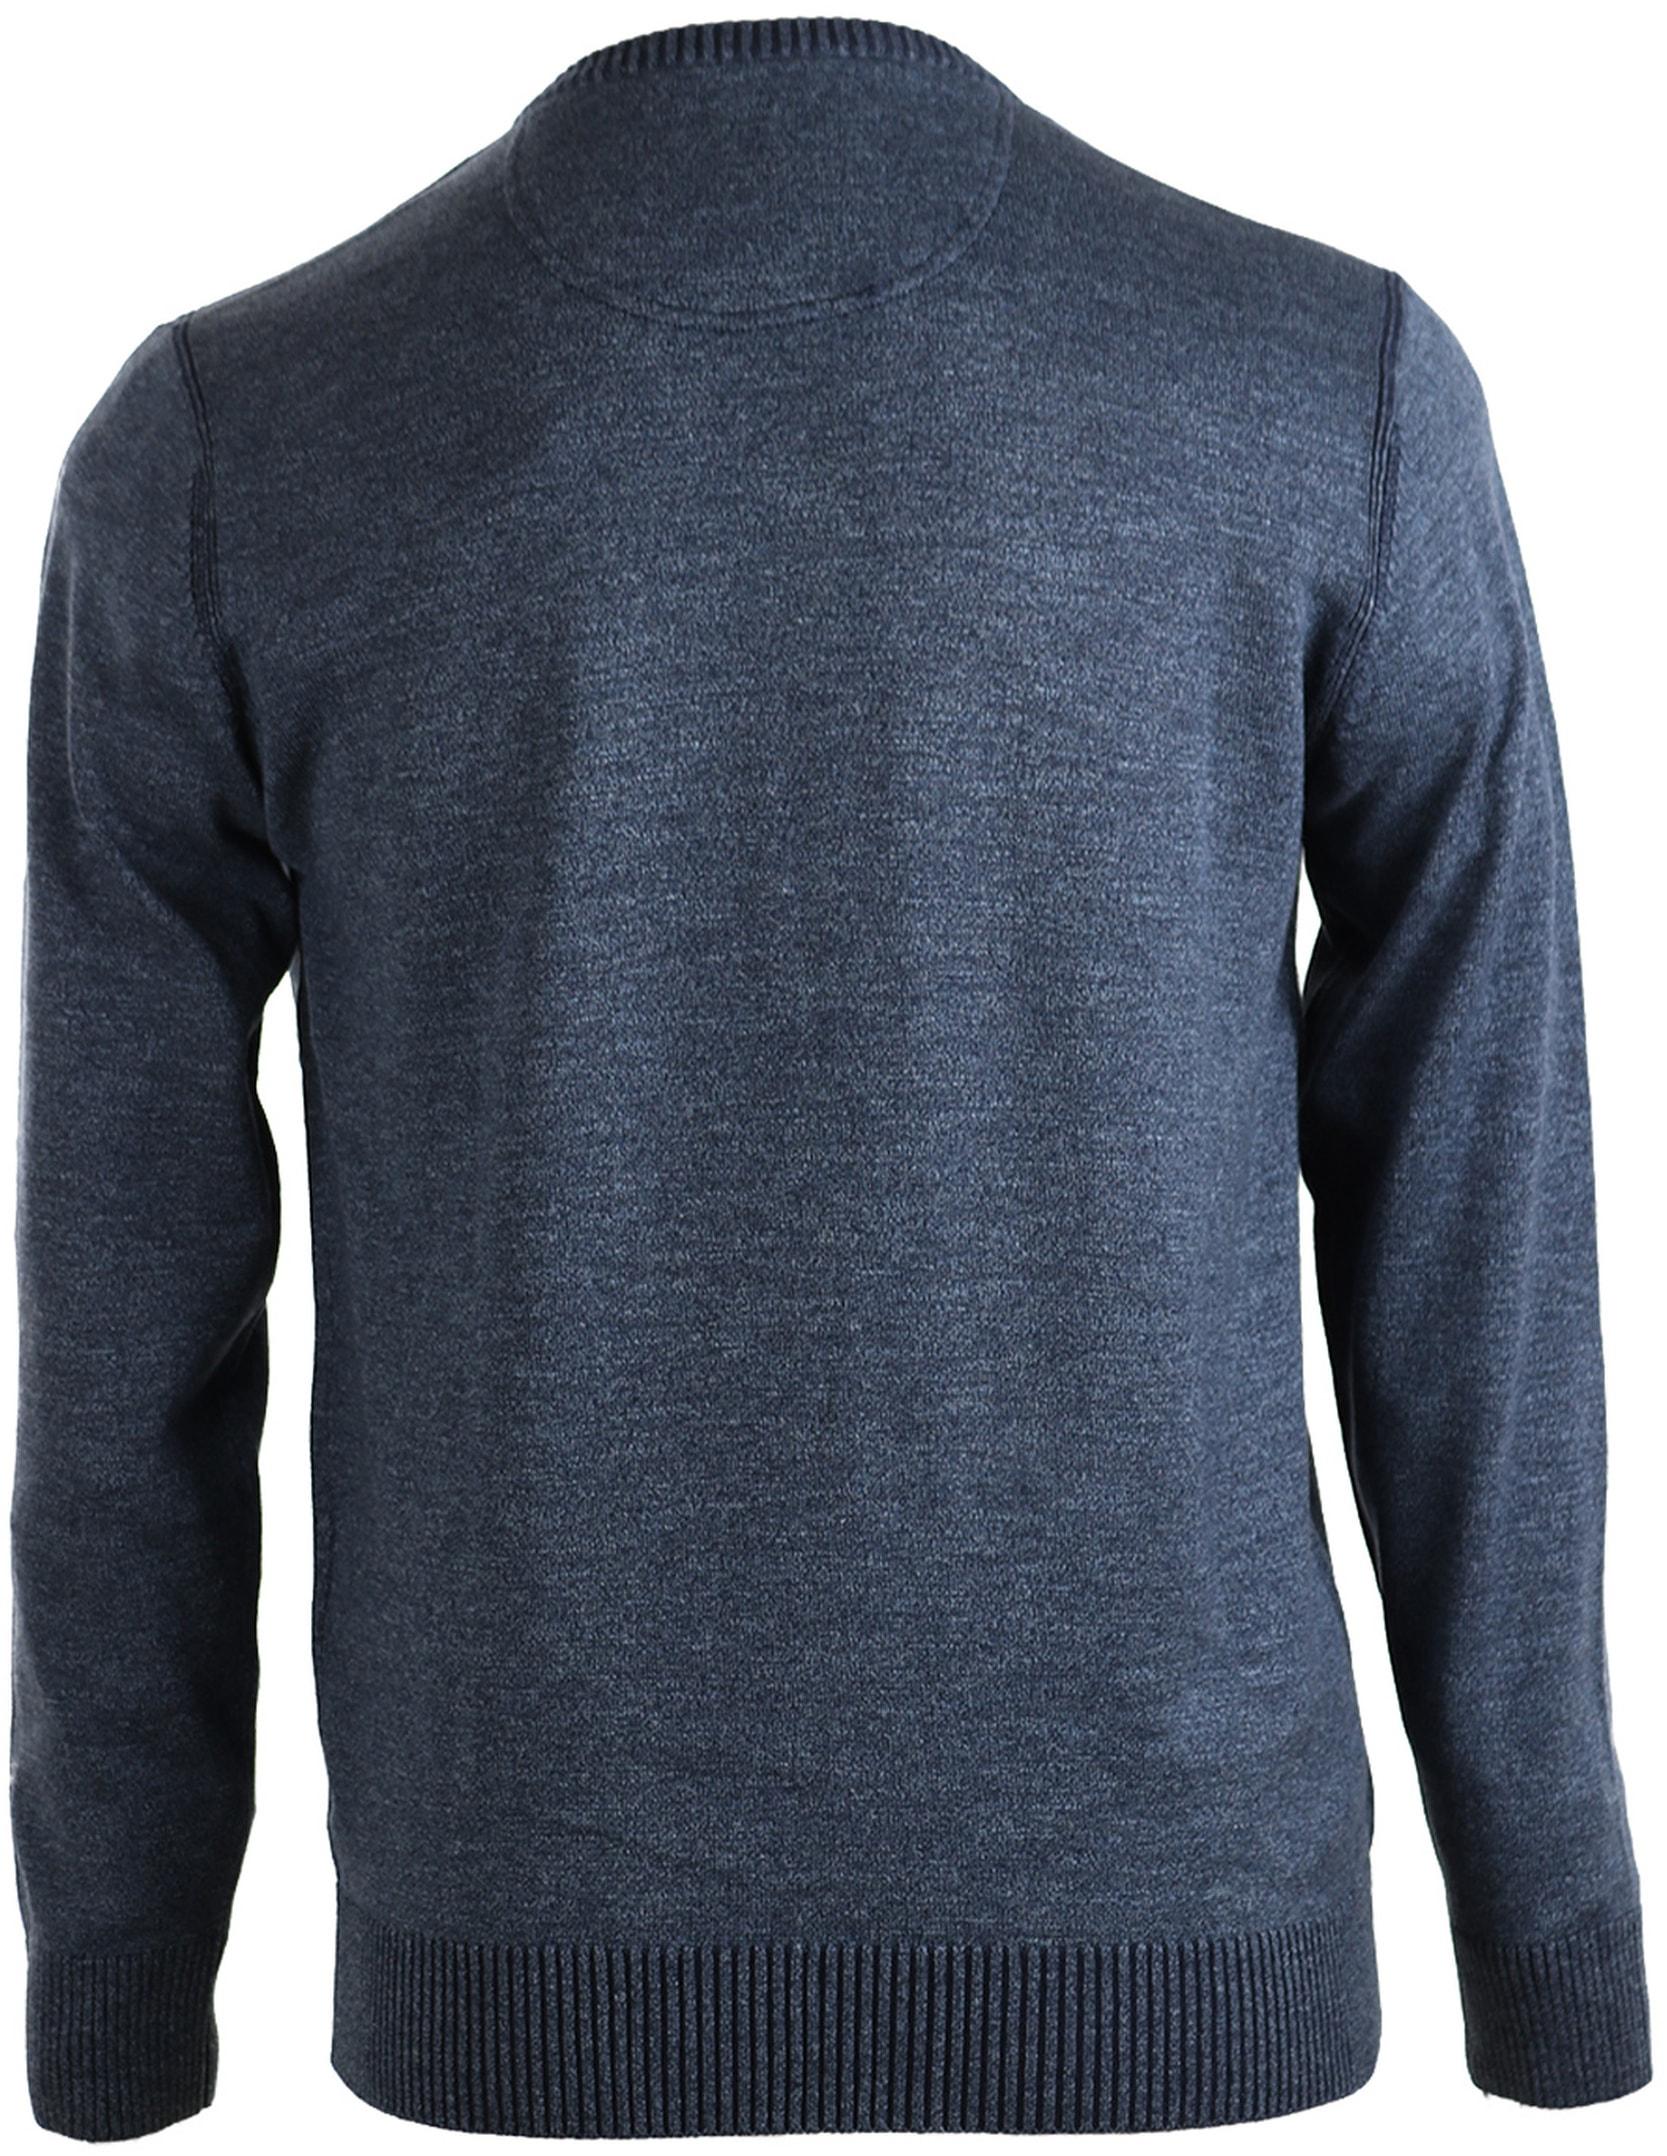 Suitable Pullover Katoen Donkerblauw foto 1